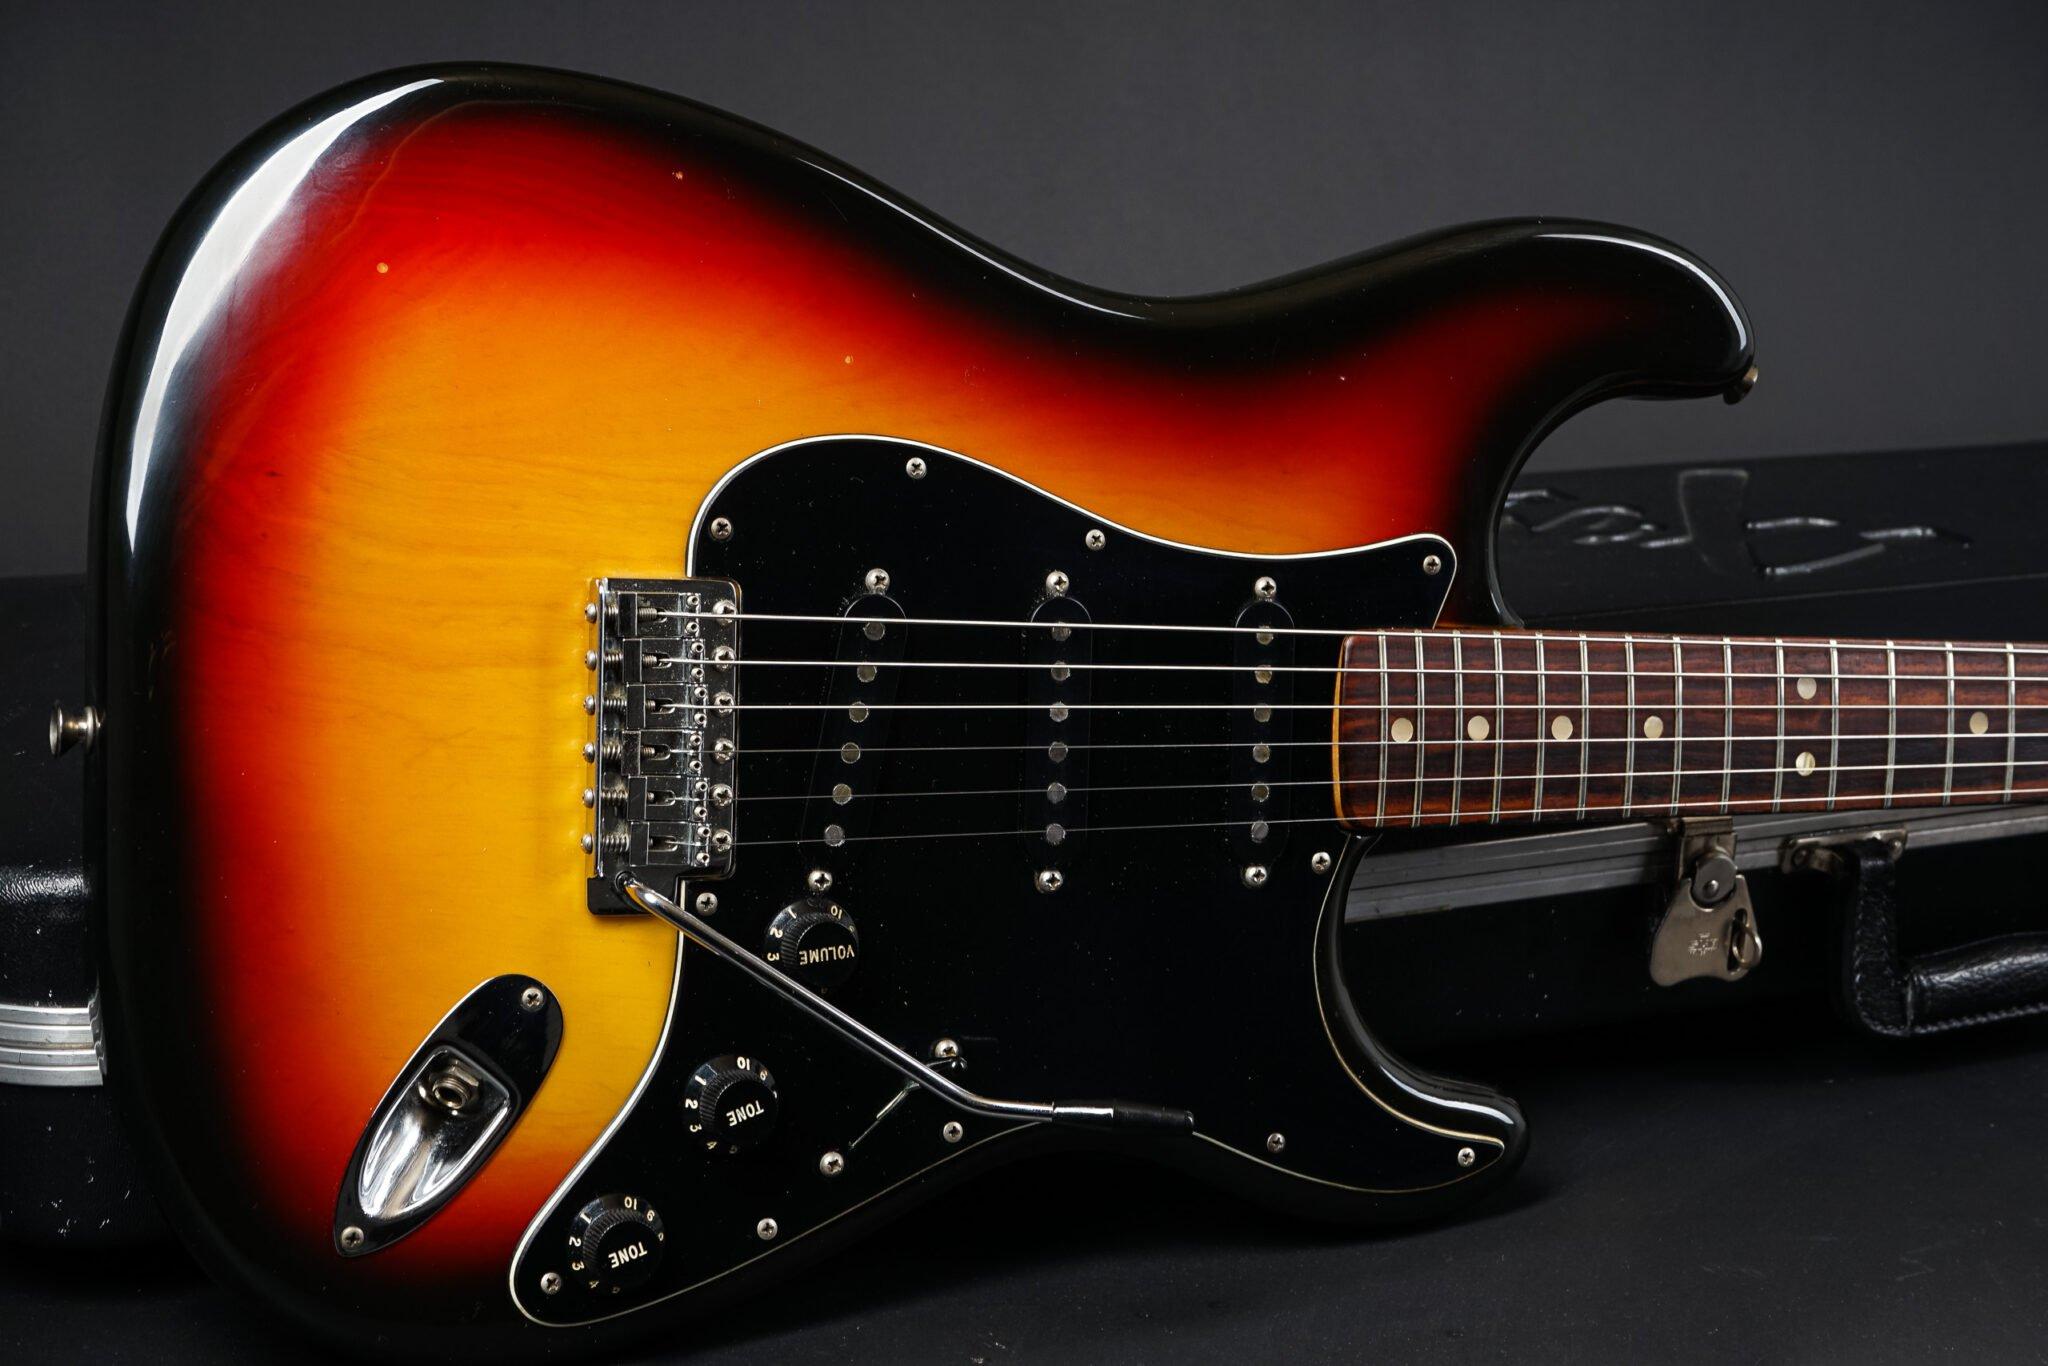 https://guitarpoint.de/app/uploads/products/1977-fender-stratocaster-sunburst-2/1977-Fender-Stratocaster-Sunburst-S791292-12-2048x1366.jpg